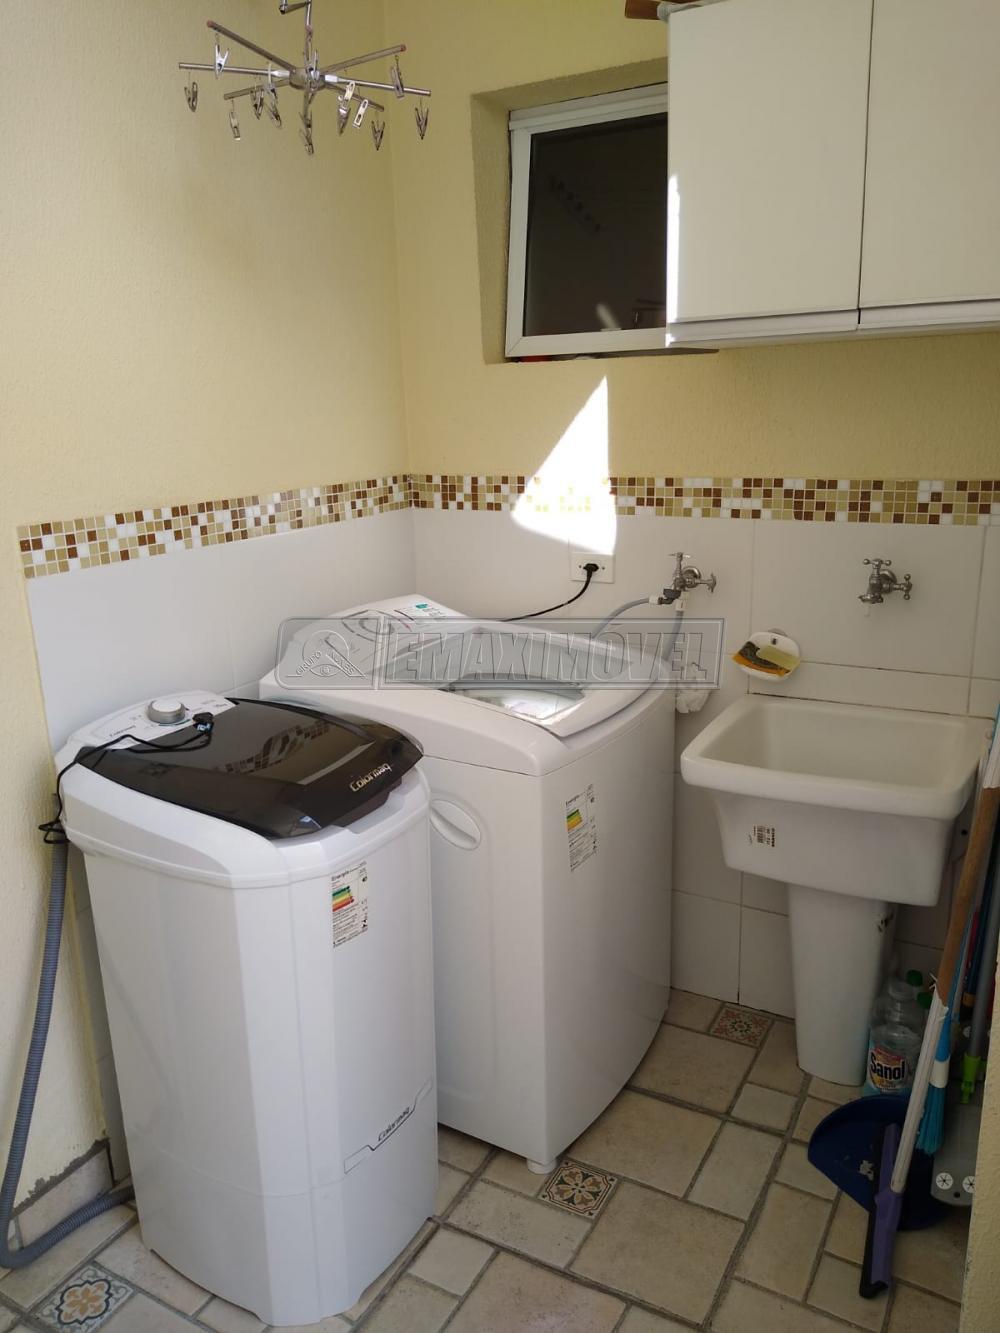 Comprar Casa / em Condomínios em Sorocaba R$ 375.000,00 - Foto 13